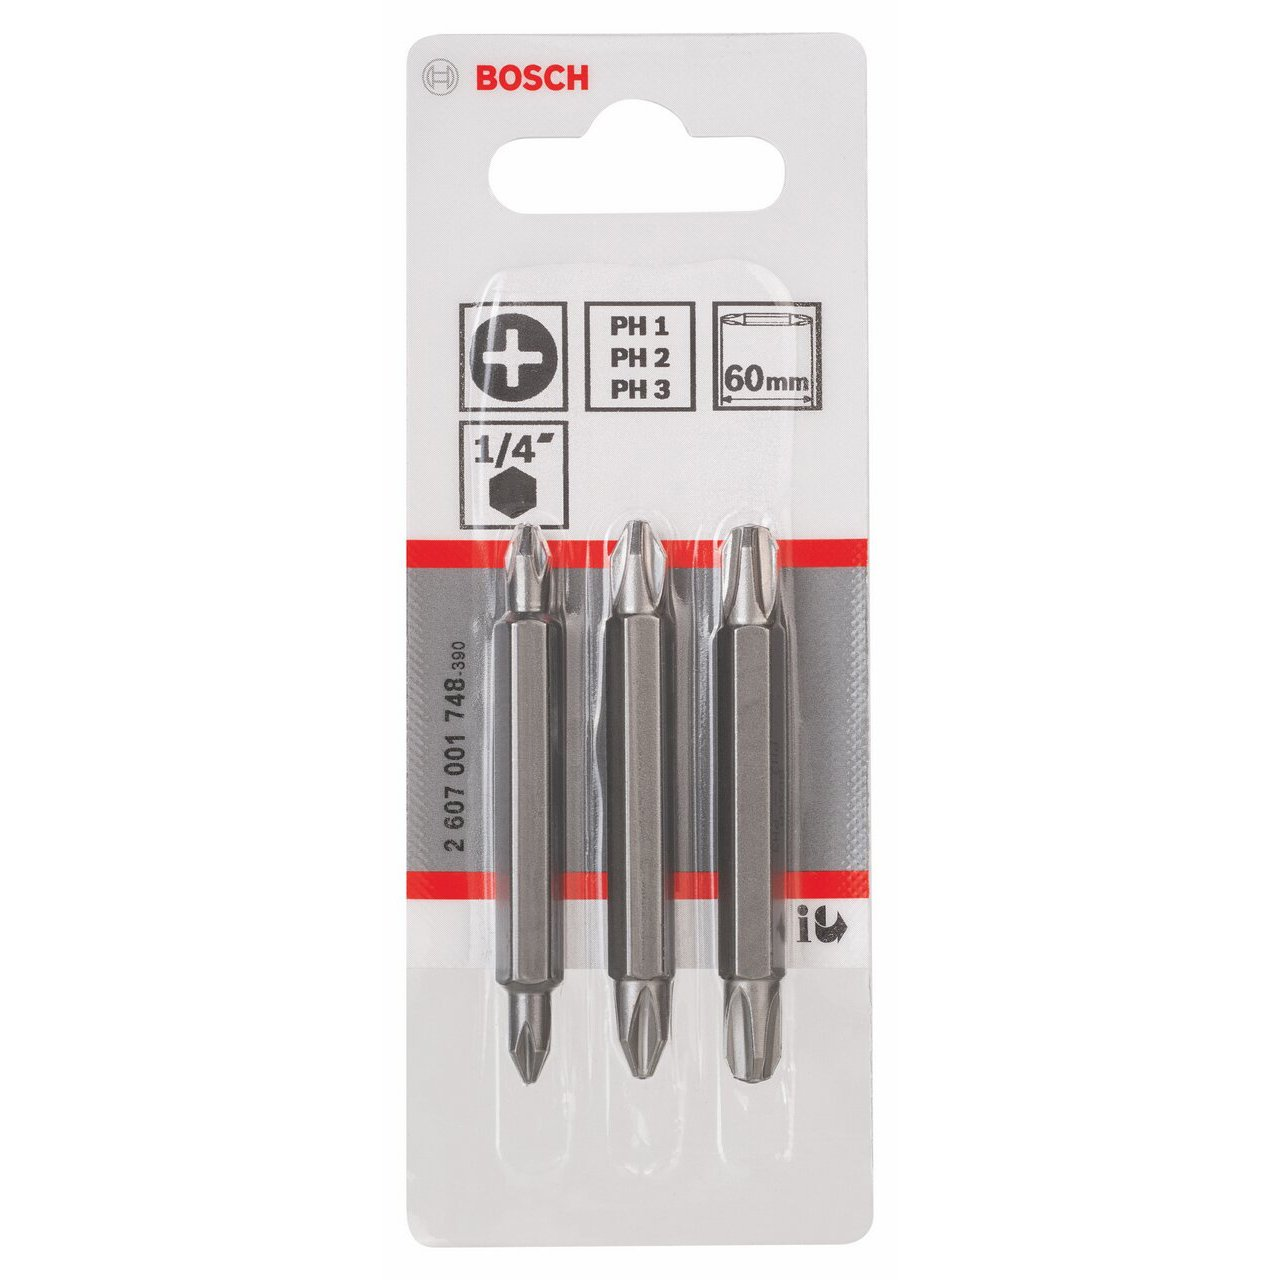 Bosch 2607001745 Pack de 3 embouts de tournevis doubles PH1 PZ1 S 0,6 x 4,5// PH2 PZ2 S 1,0 x 5,5//60 mm